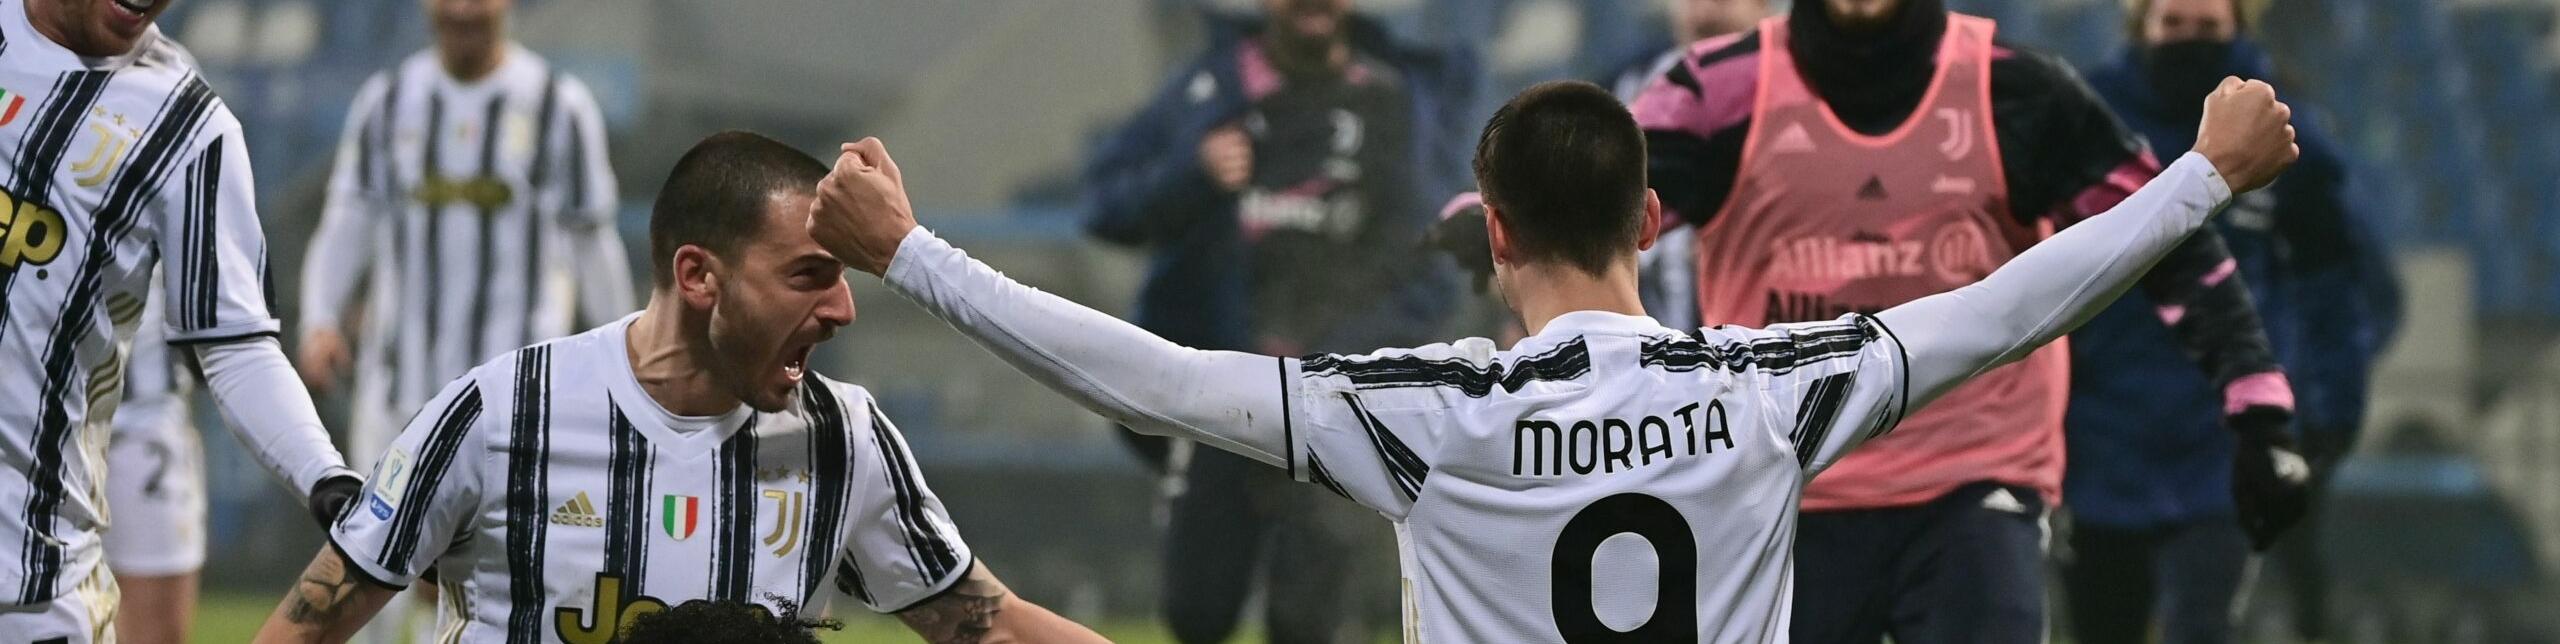 Pronostico Juventus-Porto: rivoluzione bianconera per la qualificazione - le ultimissime